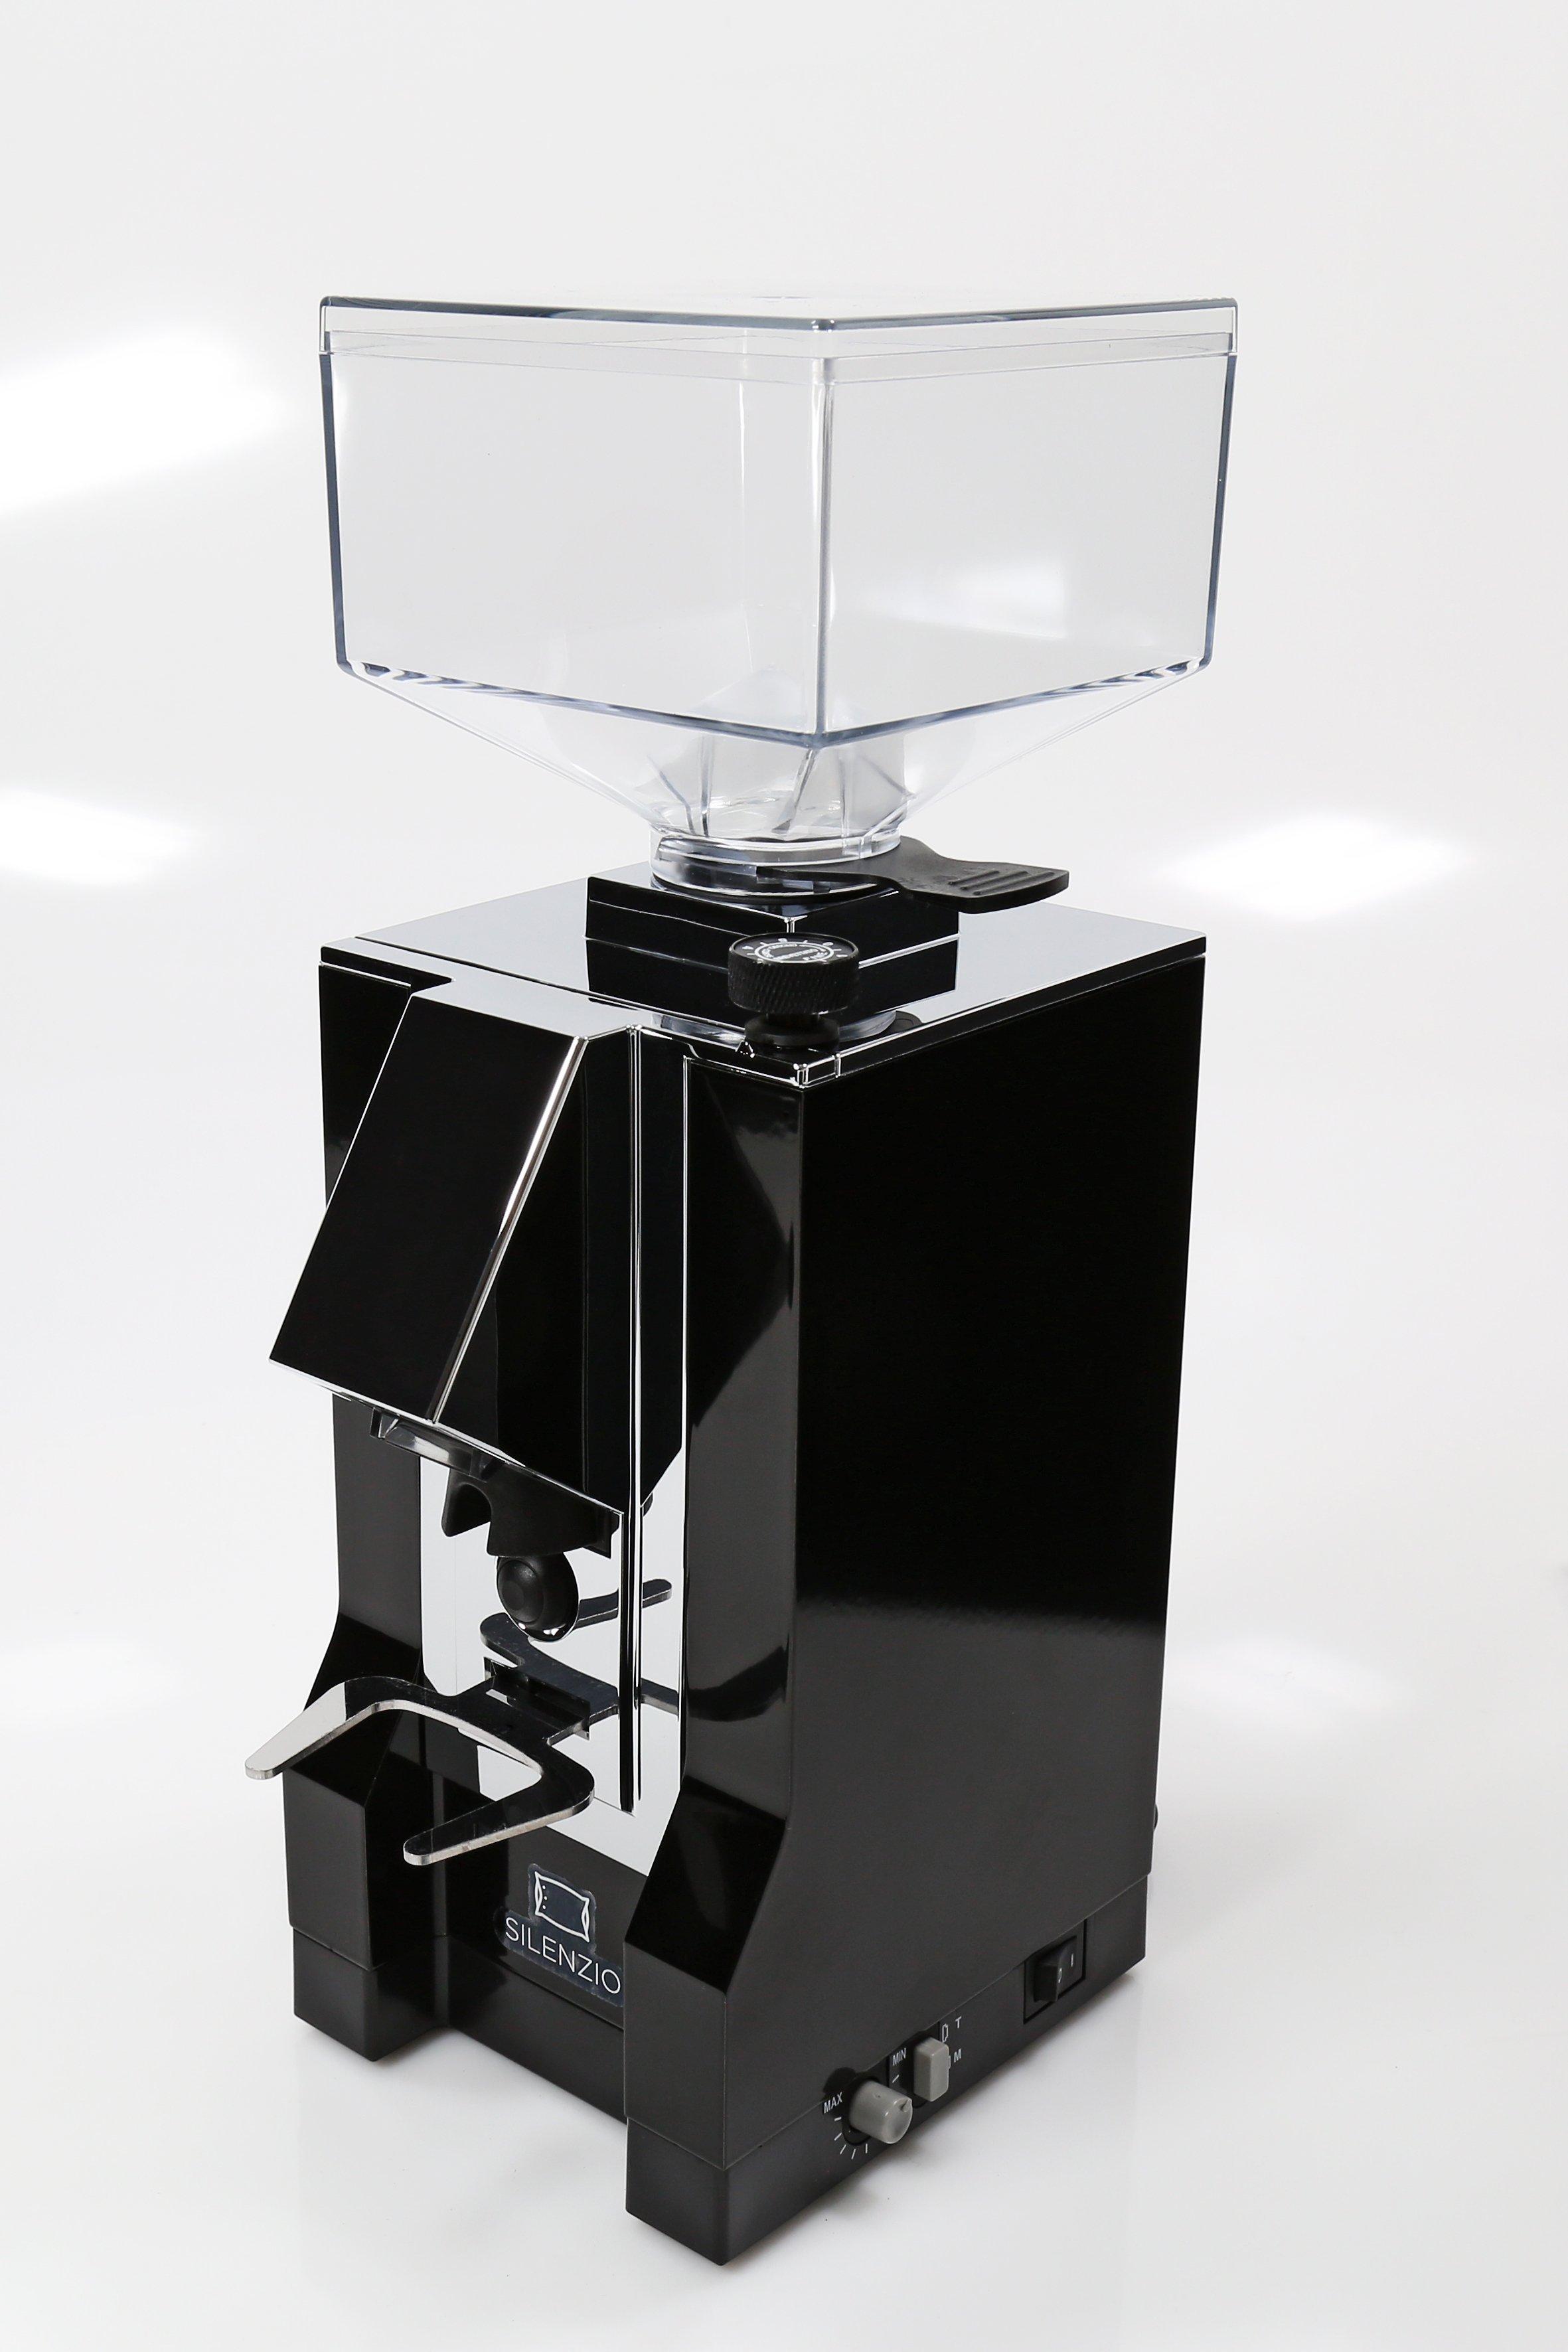 Eureka Espressomühle Silenzio 15BL, Schwarz